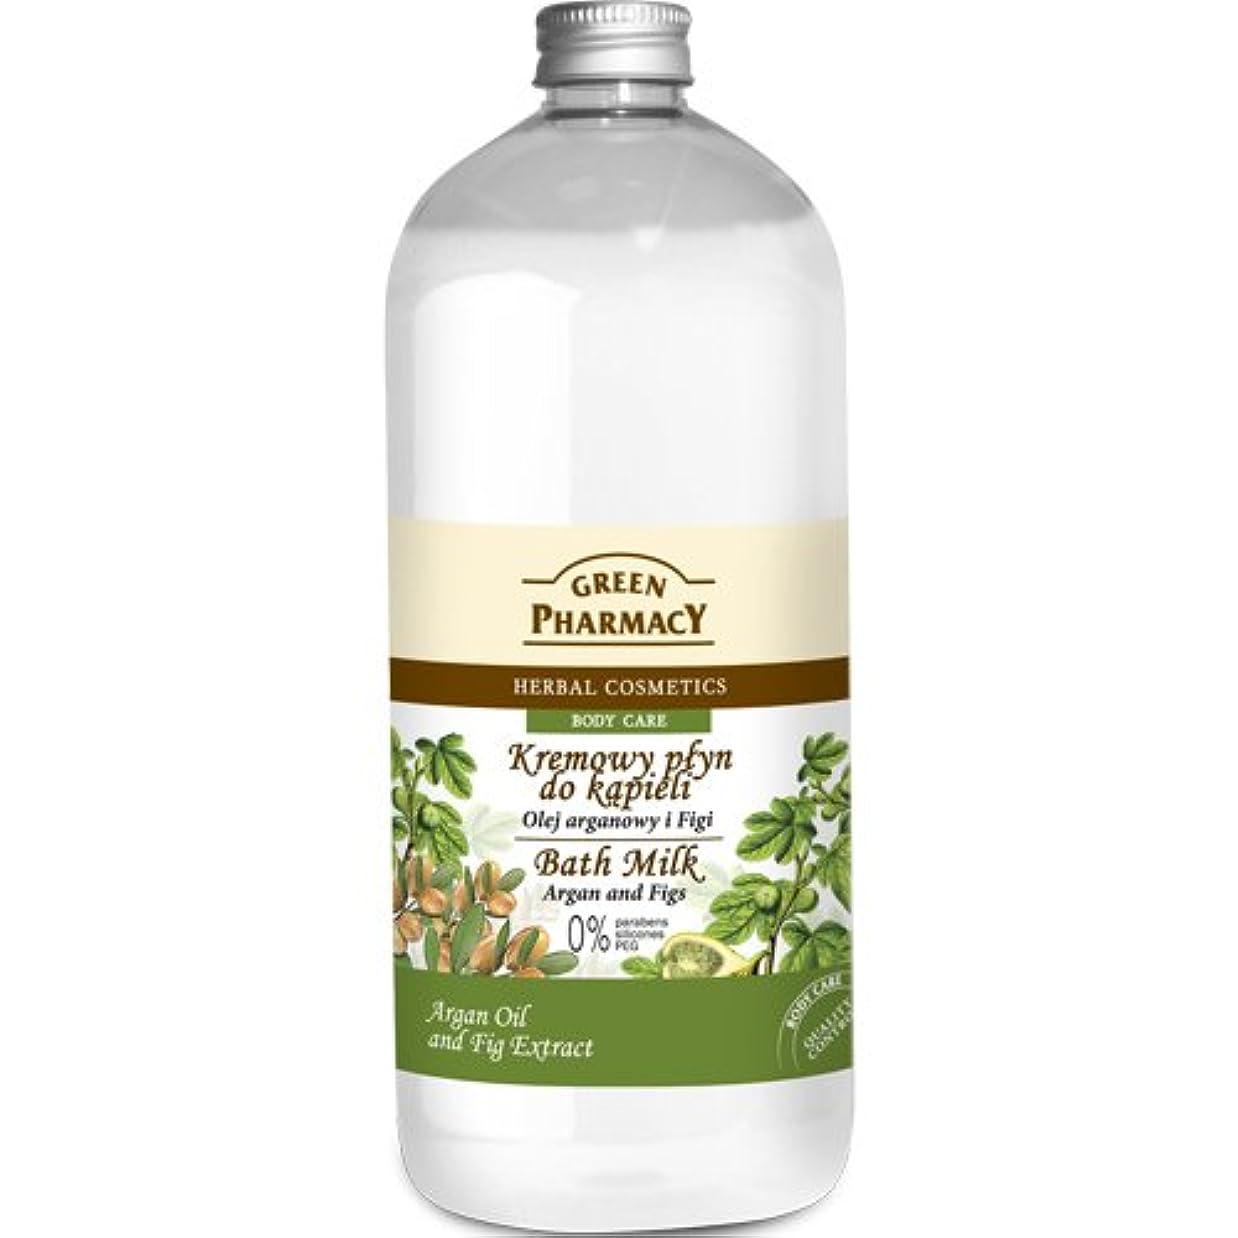 硫黄戻る豚Elfa Pharm Green Pharmacy グリーンファーマシー Bath Milk バスミルク Argan Oil&Figs